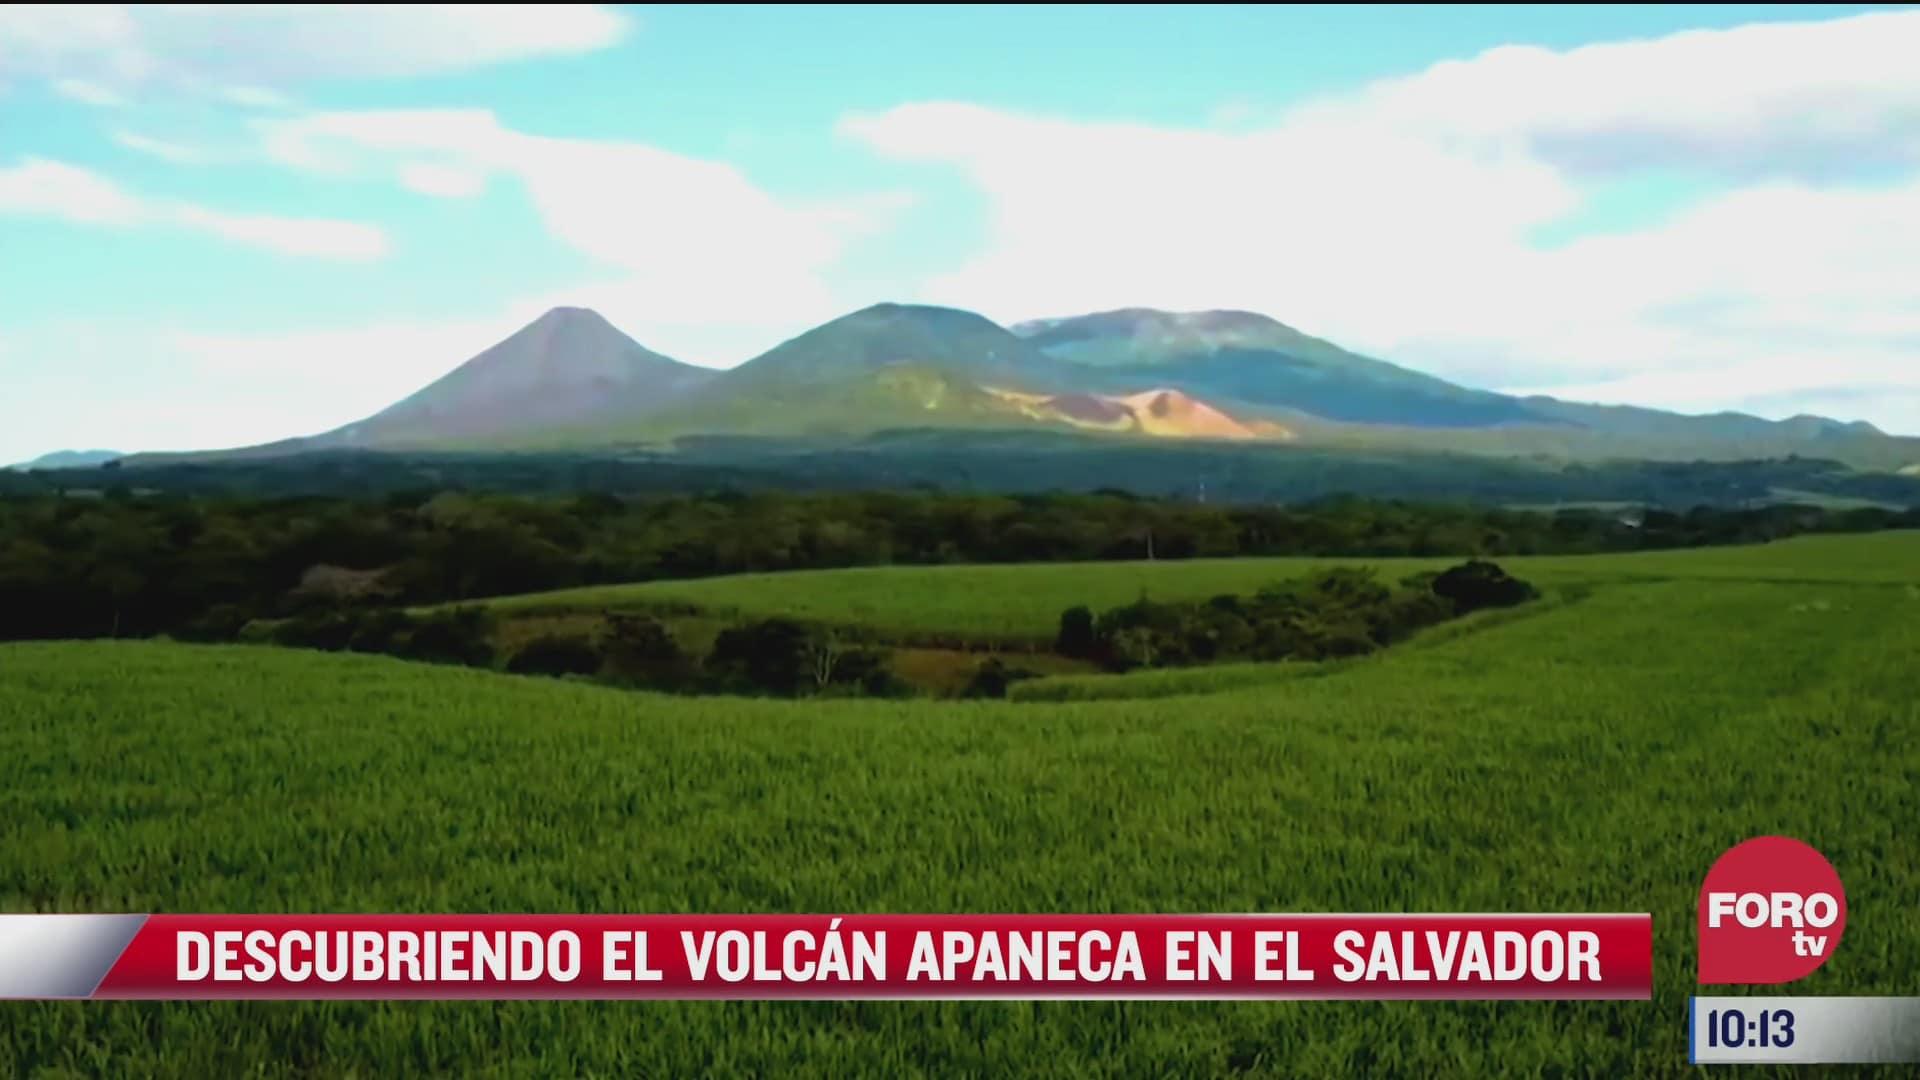 descubriendo el volcan apaneca en el salvador